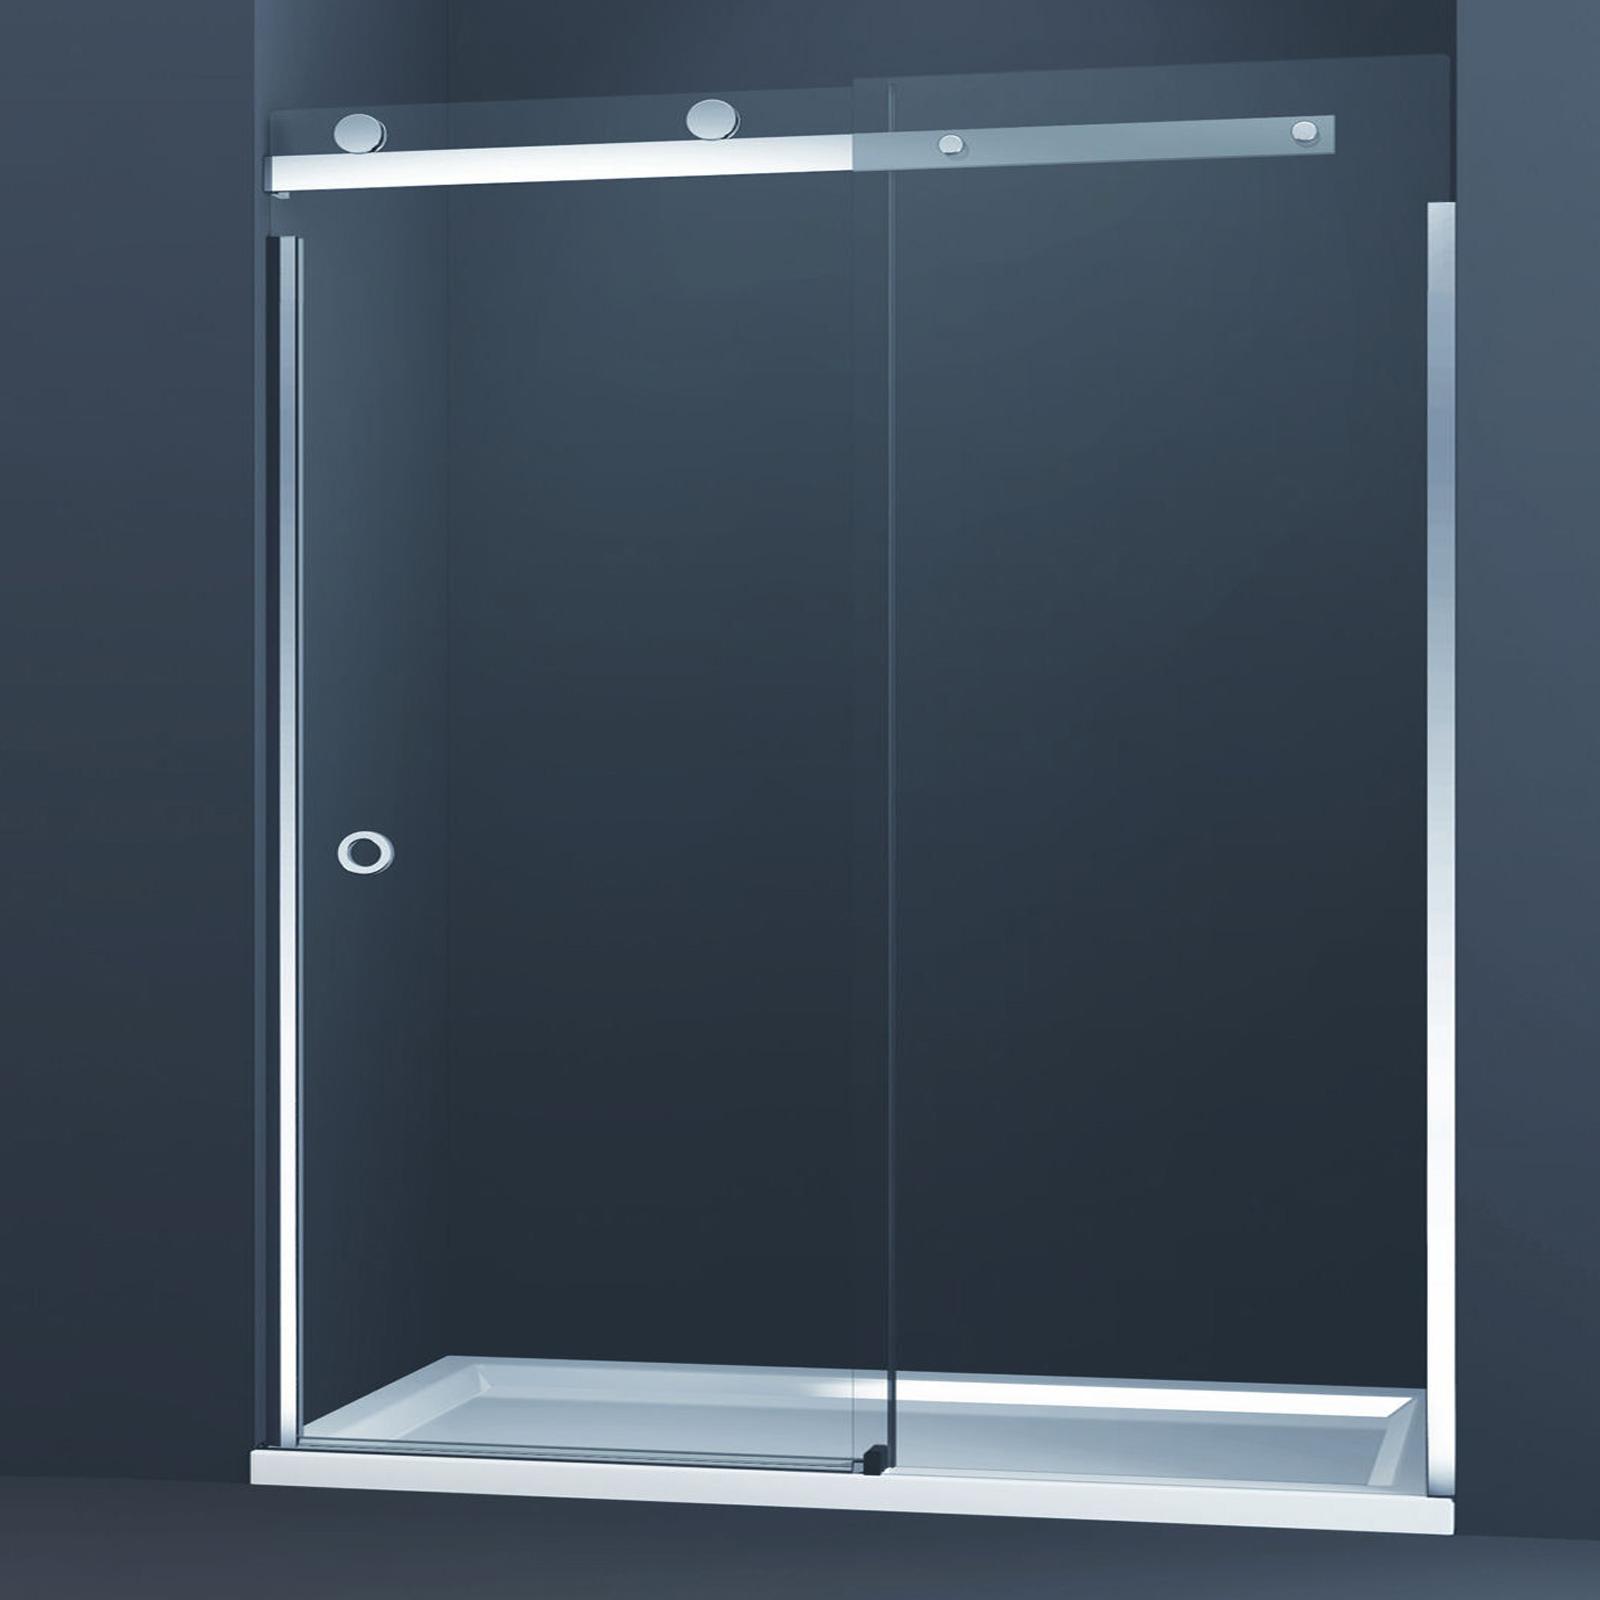 Merlyn series 10 sliding door 1200mm rh at allbits for 10 door